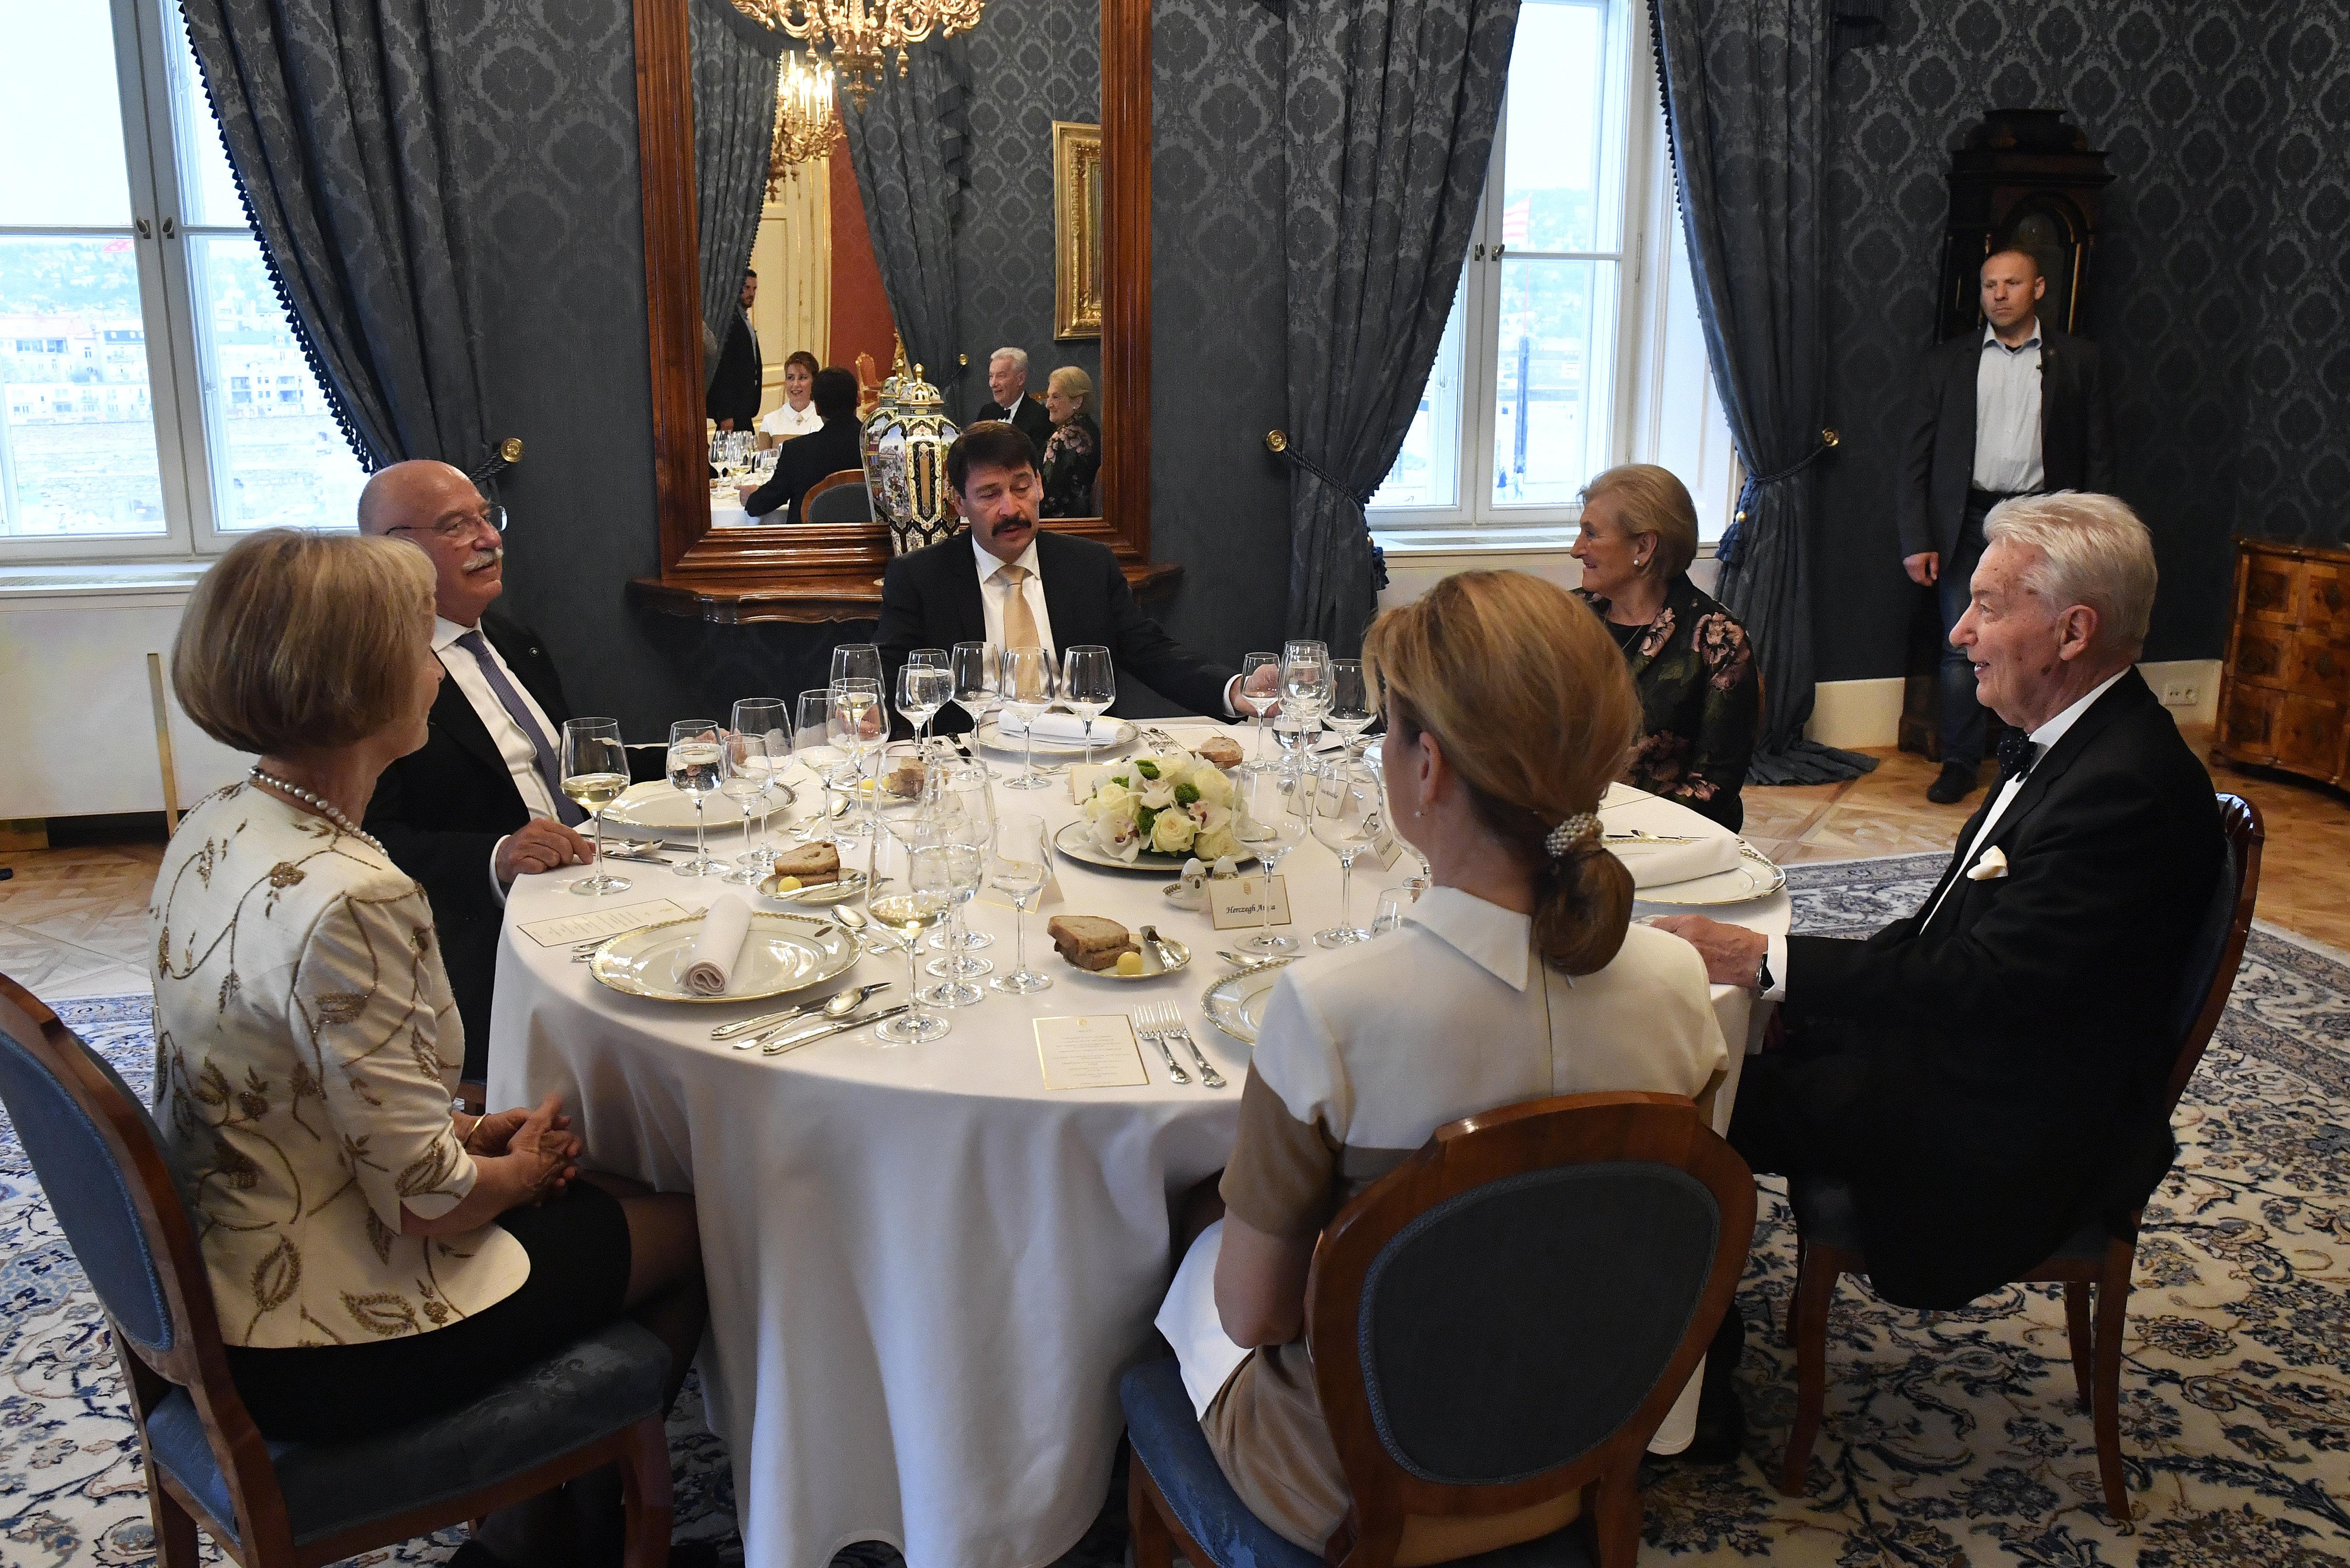 Áder János, a természetes vizek védője meghívta vacsorára Vizi E. Szilvesztert